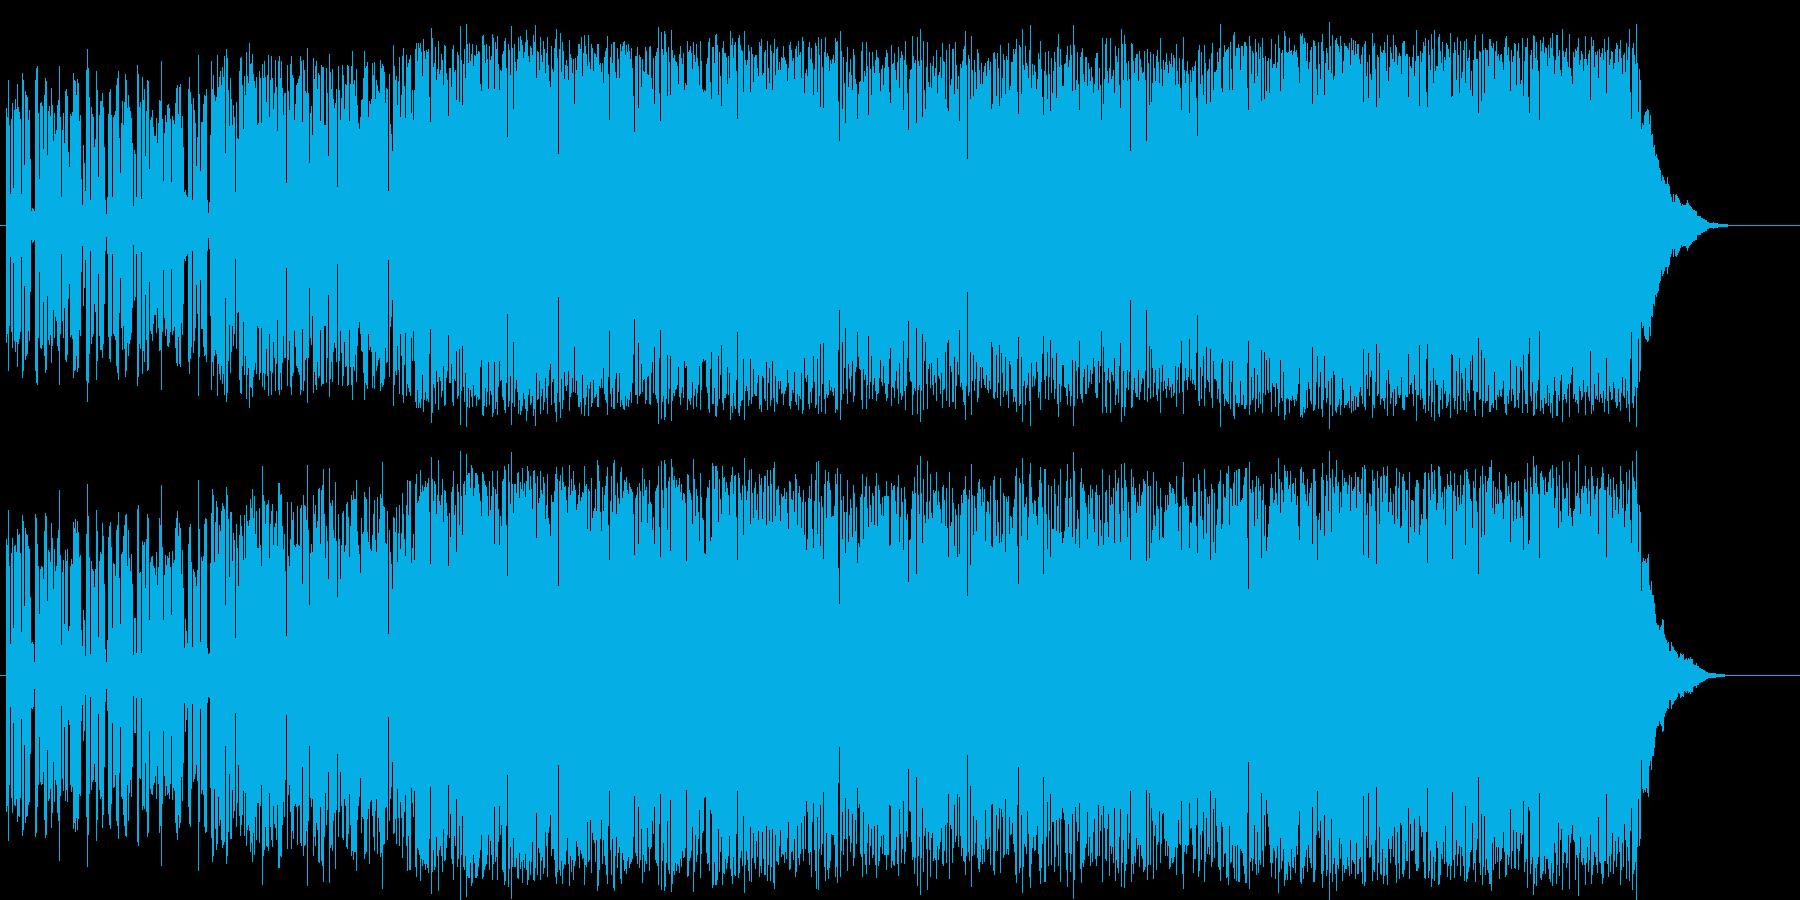 テクノロジー 報道 あやしい 挑戦 追跡の再生済みの波形